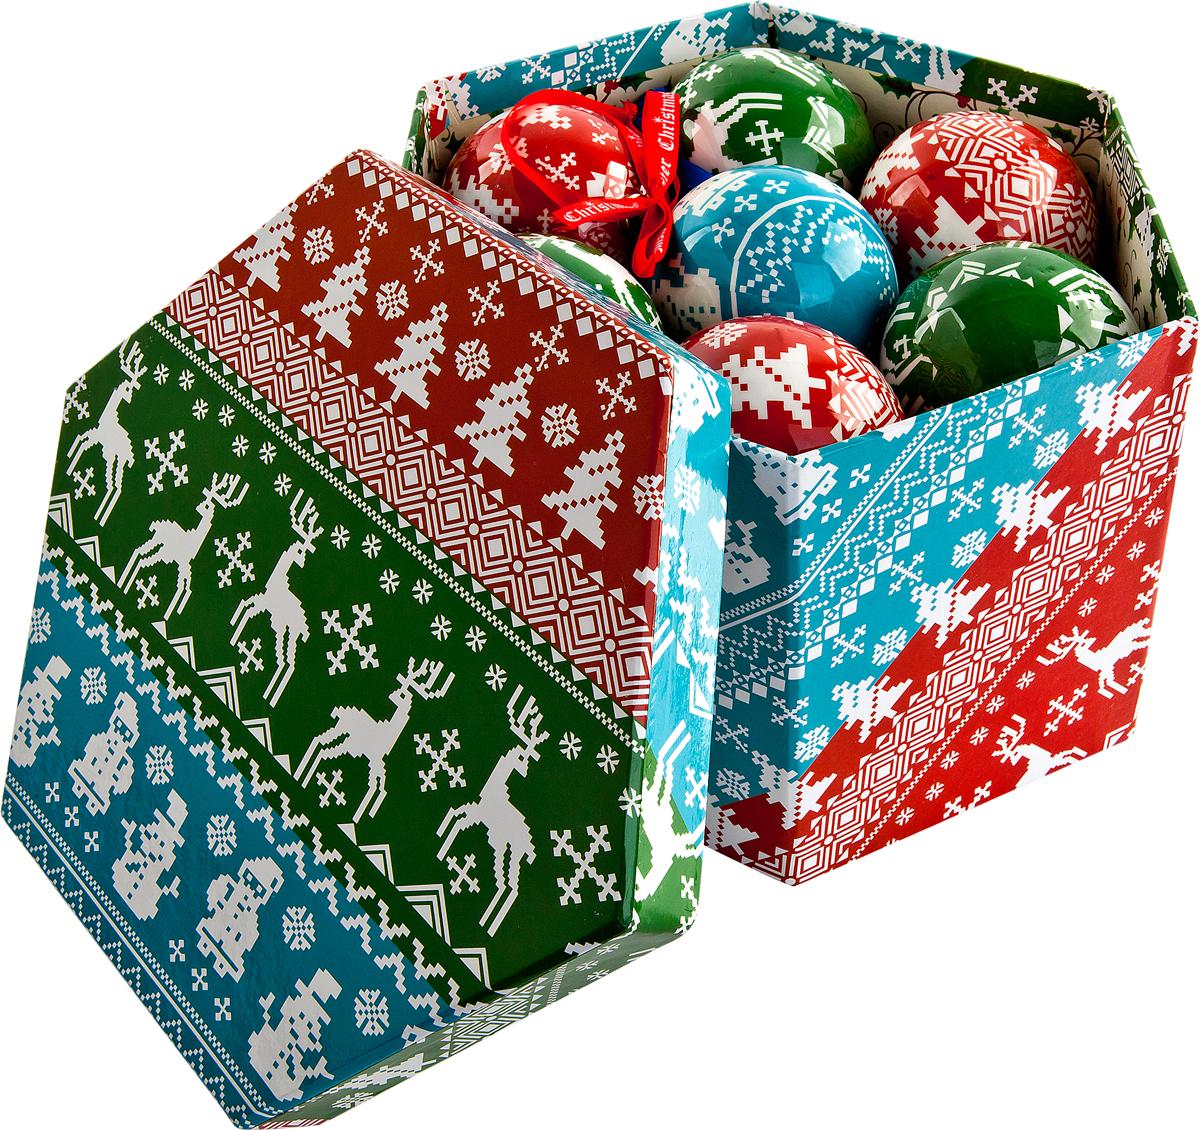 Набор новогодних подвесных украшений Mister Christmas  Папье-маше , диаметр 6 см, 14 шт. PM-43-14 -  Украшения